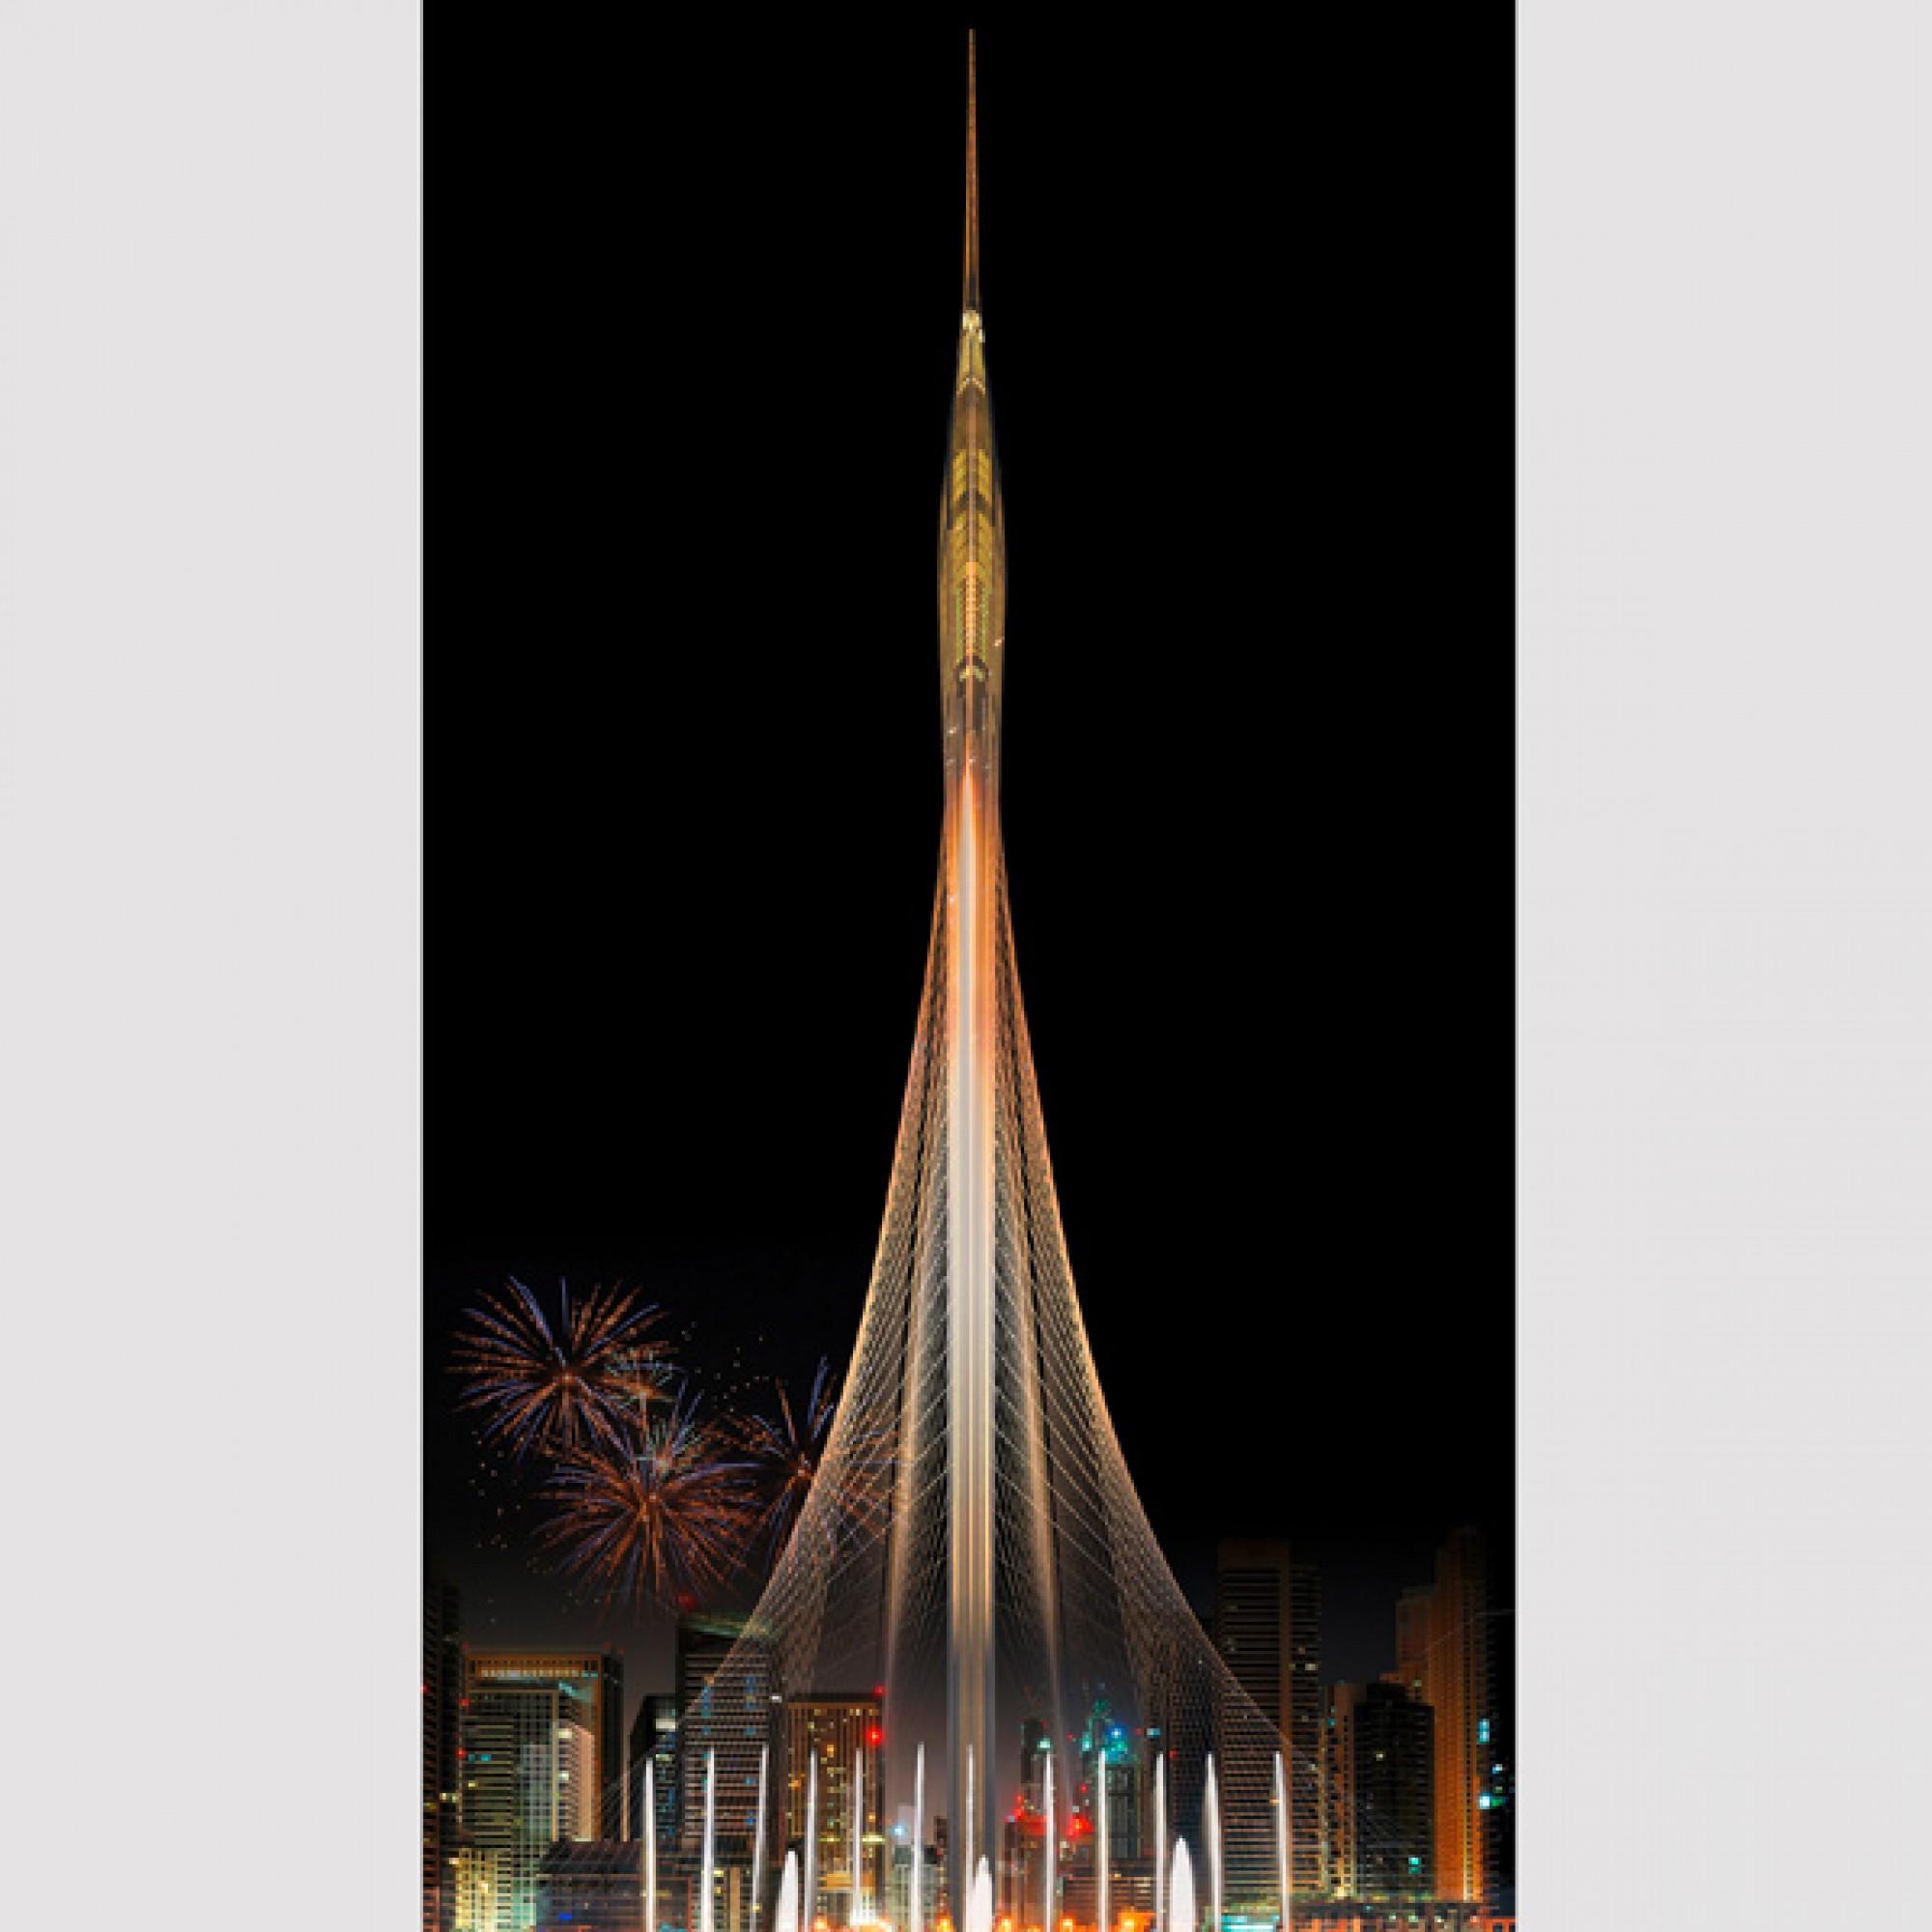 Eine elegante Nadel: So soll Dubais neuer Aussichtsturm aussehen. (zvg)